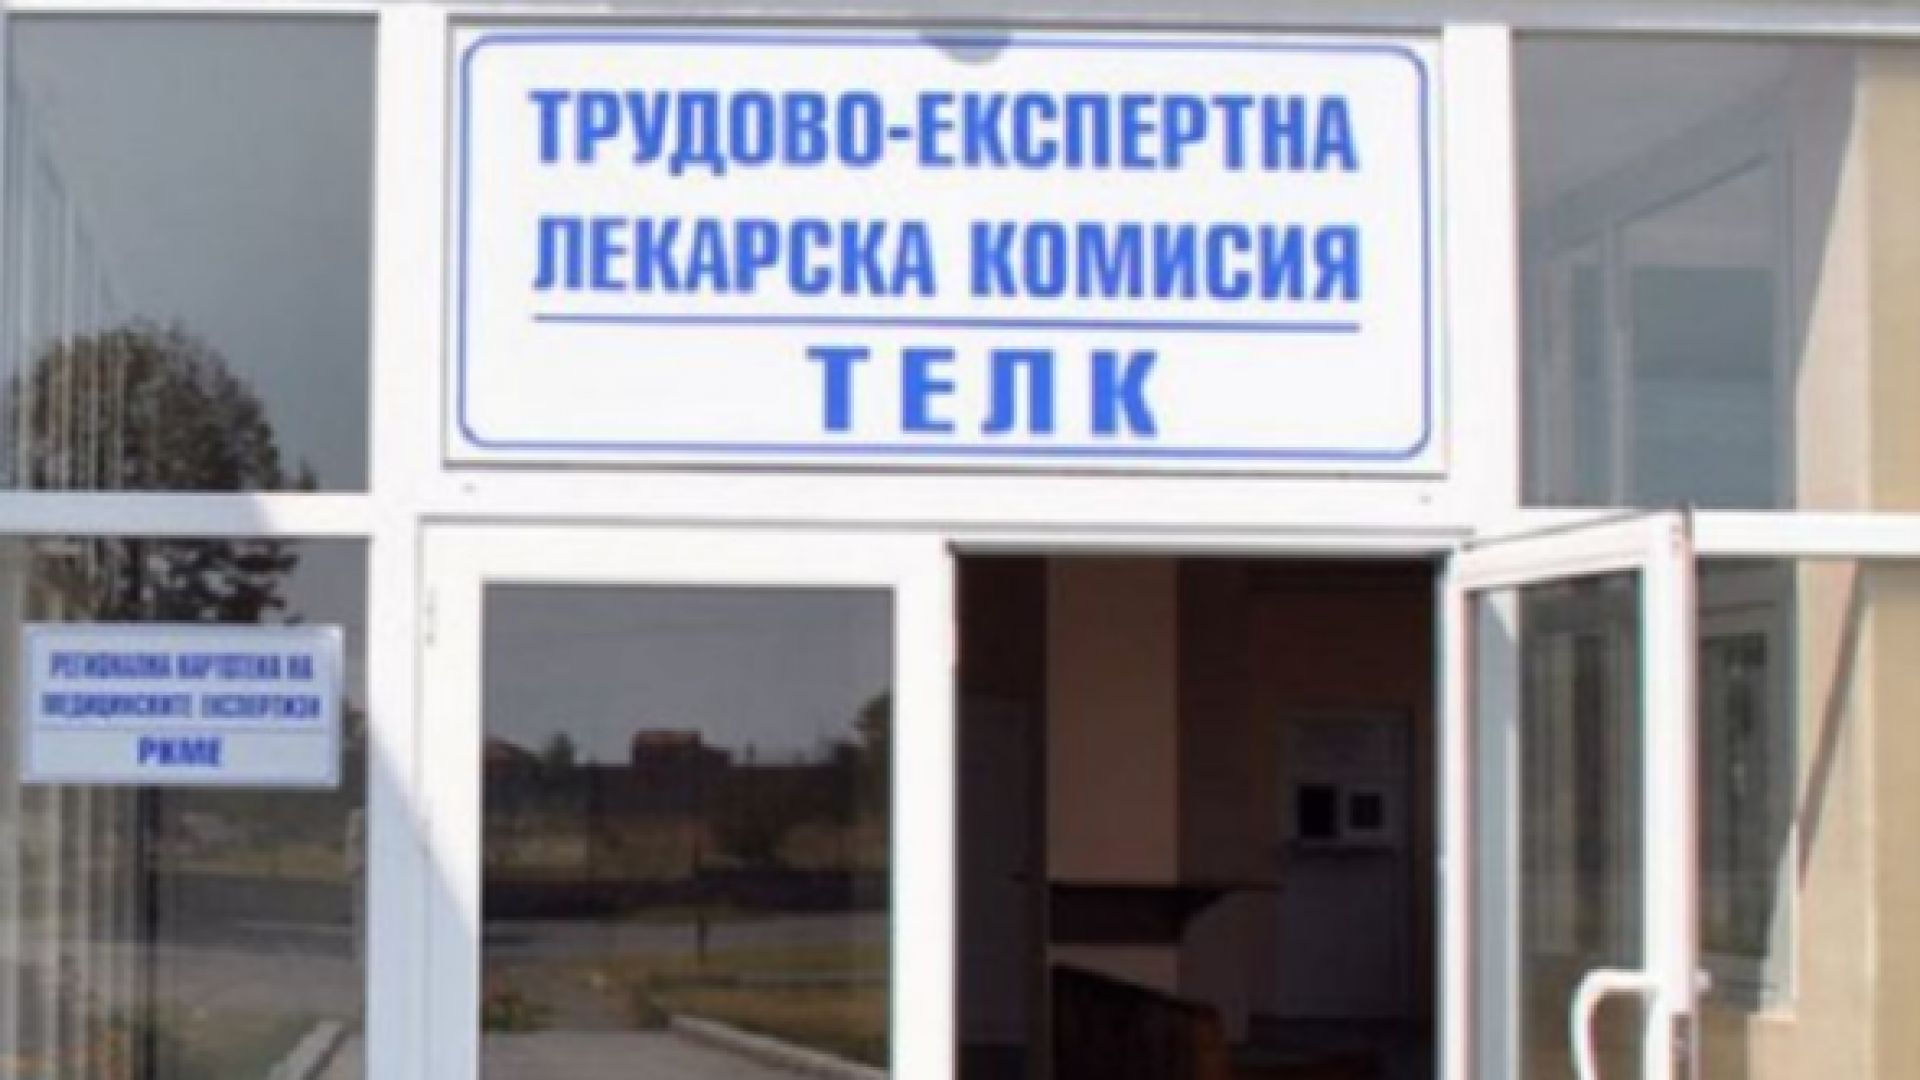 Нови правила за ТЕЛК оставят хиляди без пенсия